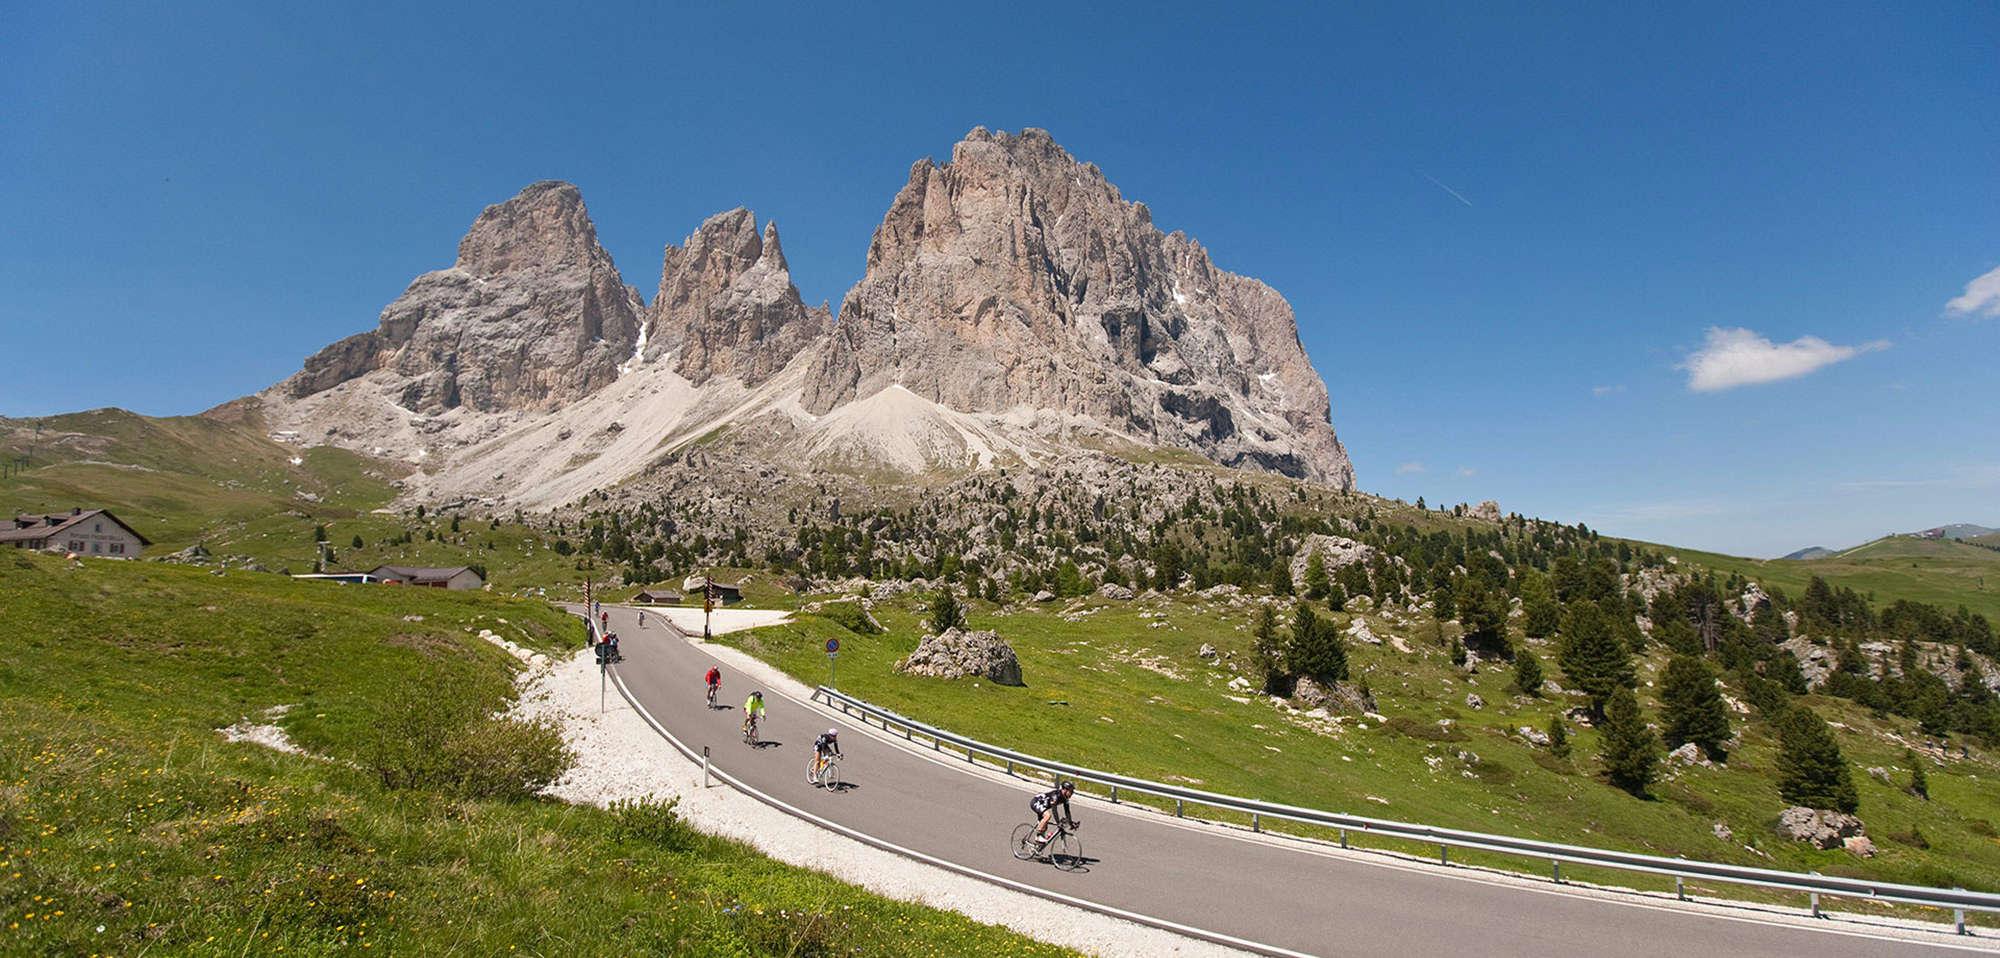 Sellaronda Rennrad: Die schönste Tour in den Dolomiten